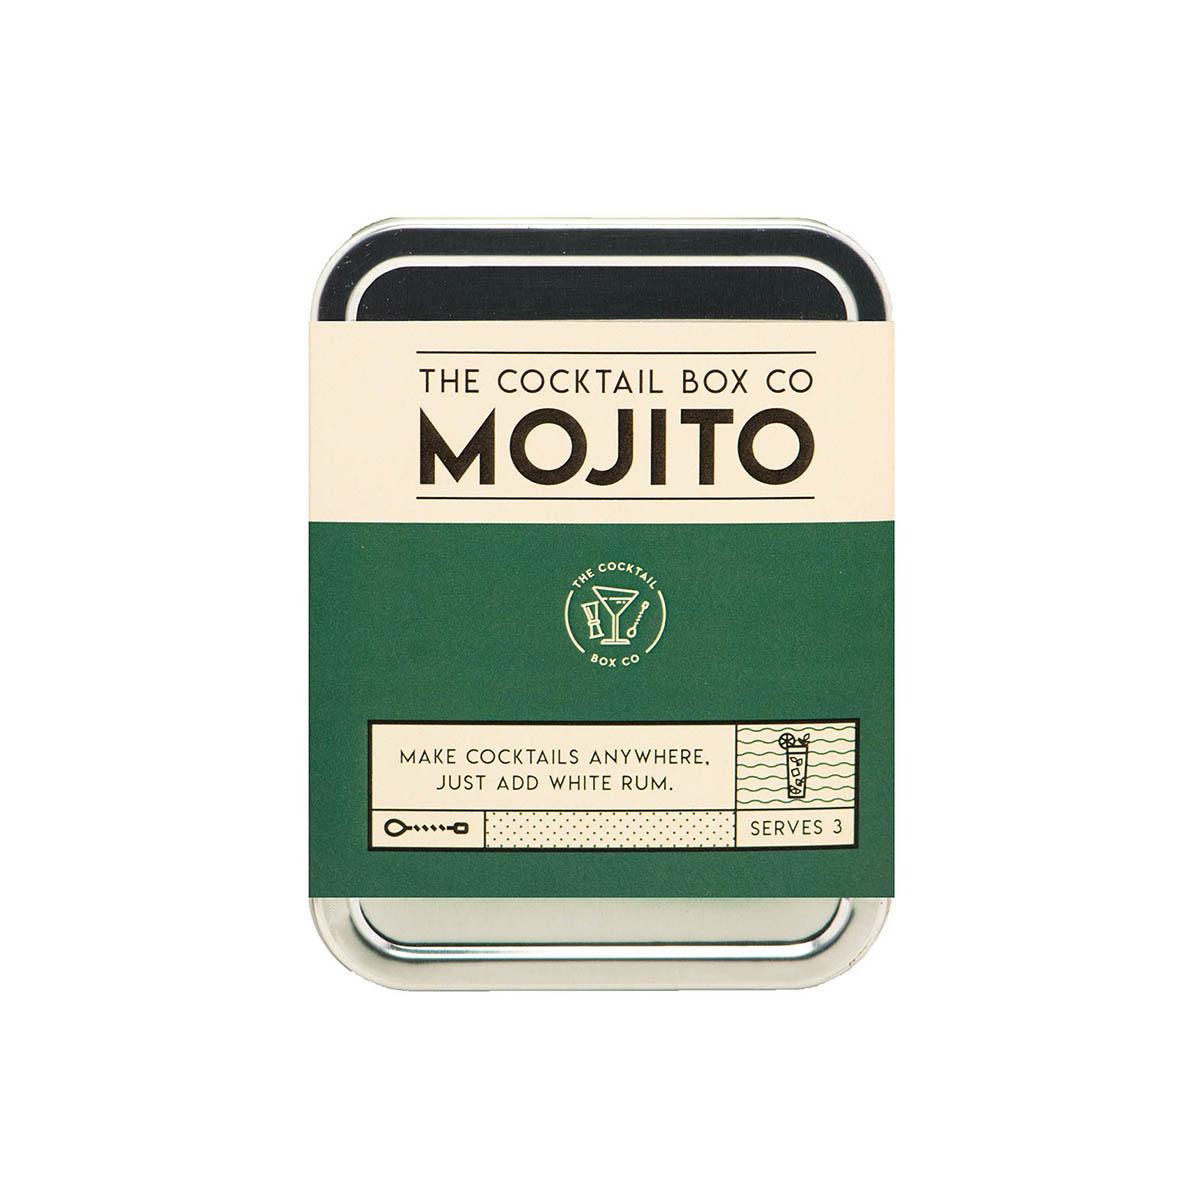 Cliquez ici pour acheter Mojito cocktail kit